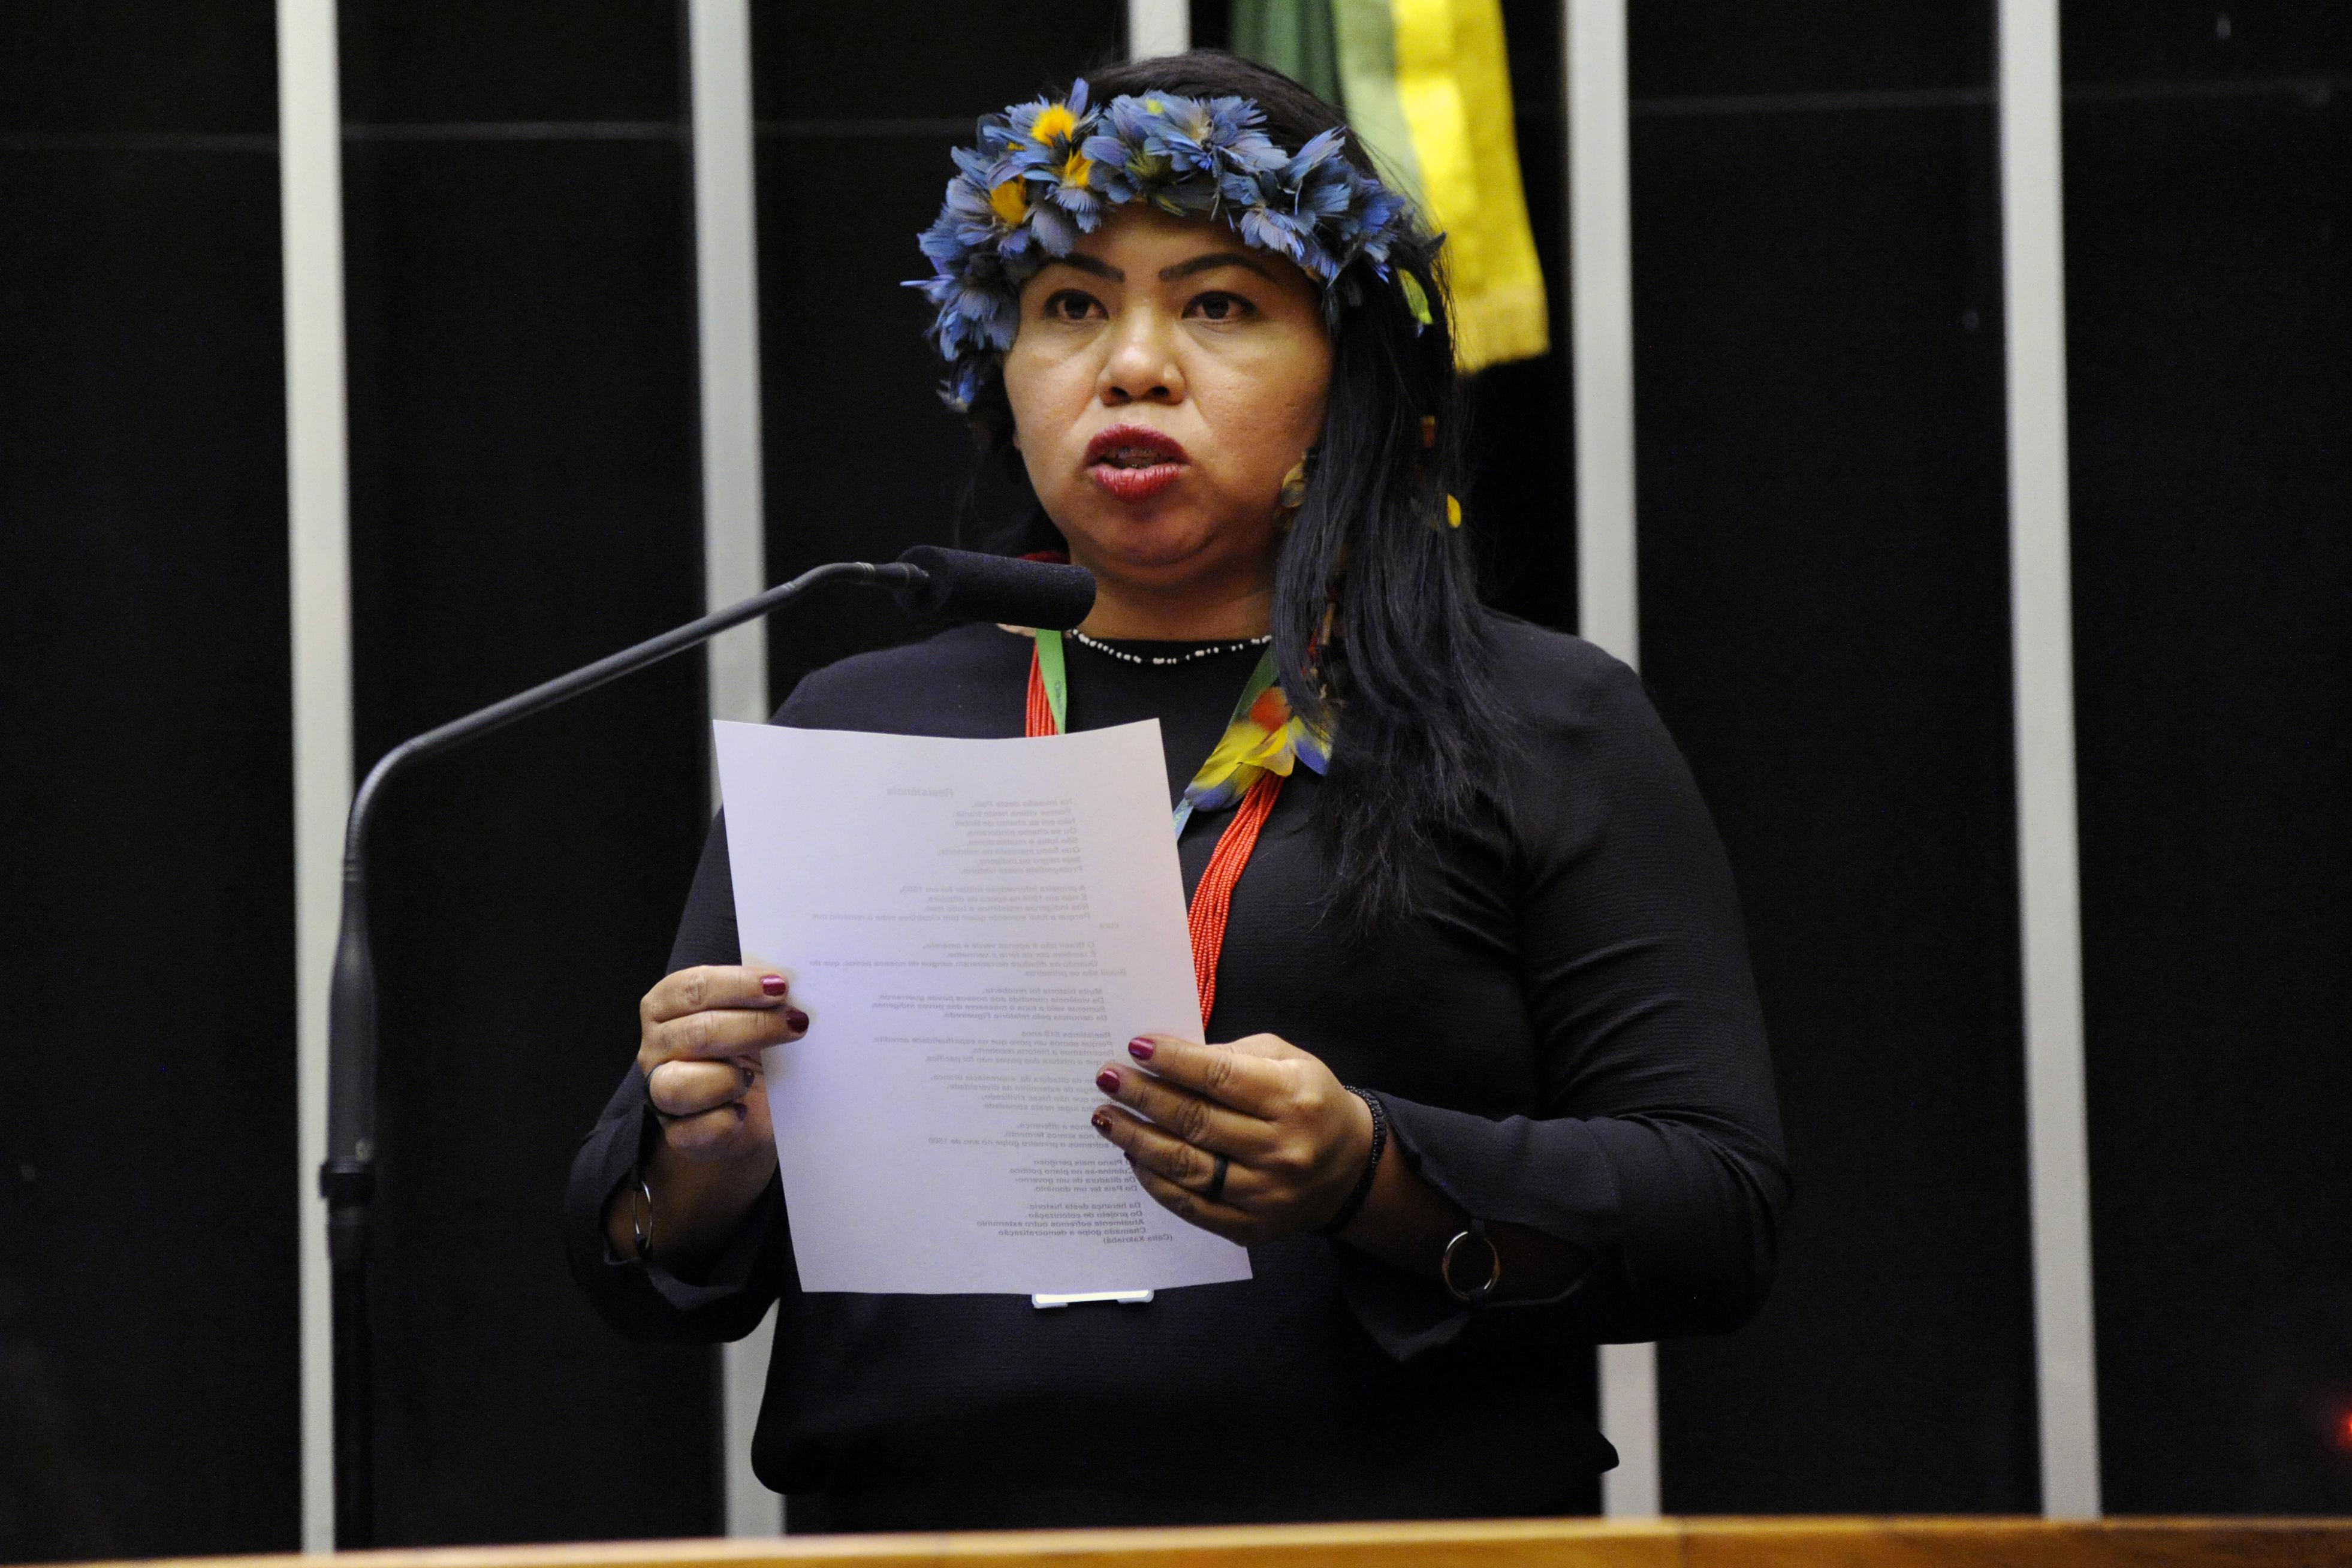 """Homenagem ao Dia Internacional do Direito à Verdade. Apresentação da poesia """" Resistencia """", Interpretada por Simone Eloi"""